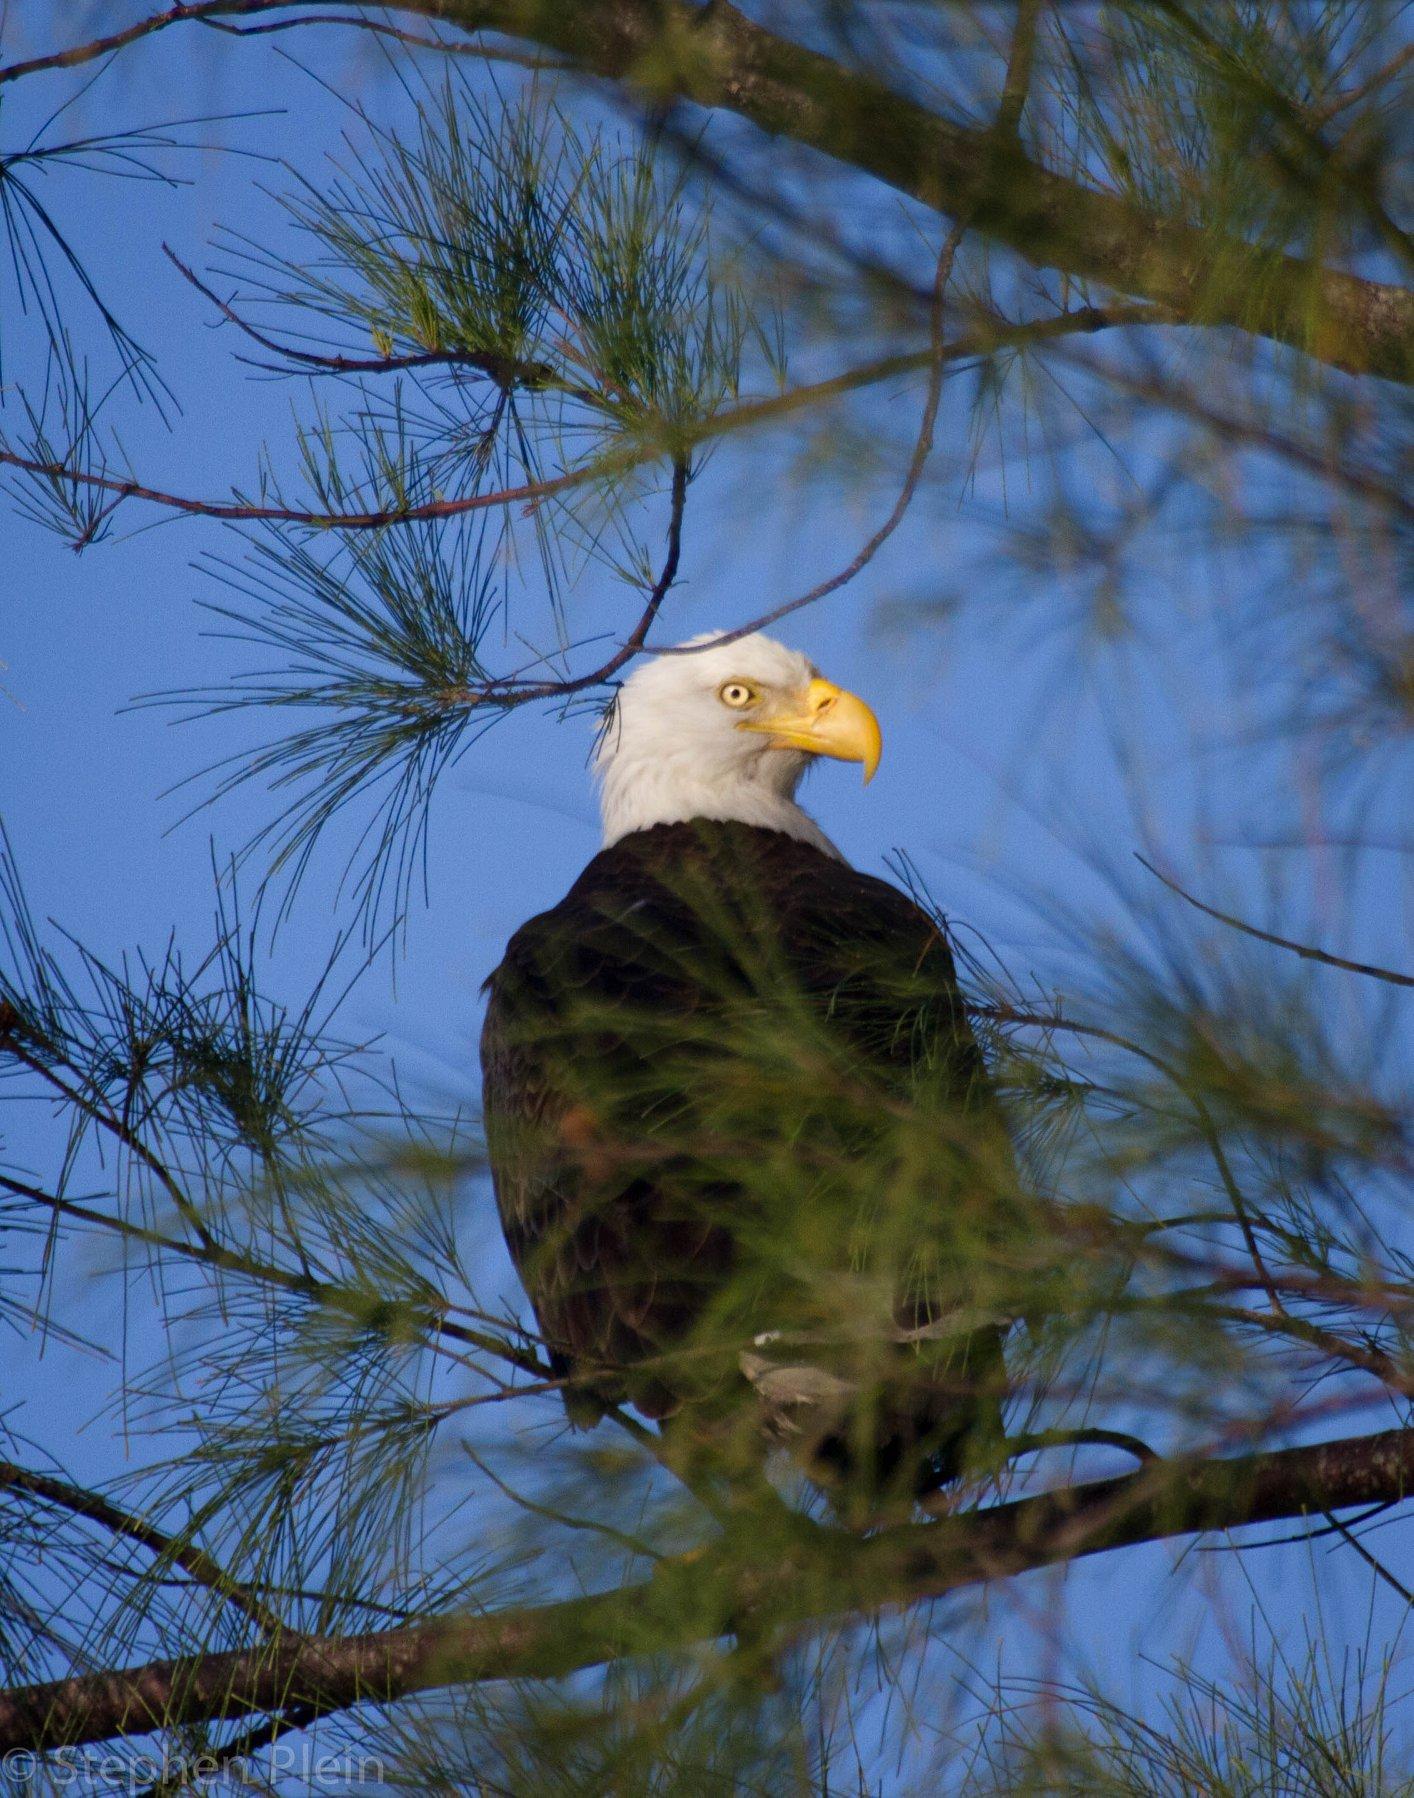 Bald eagle on North Captiva Island